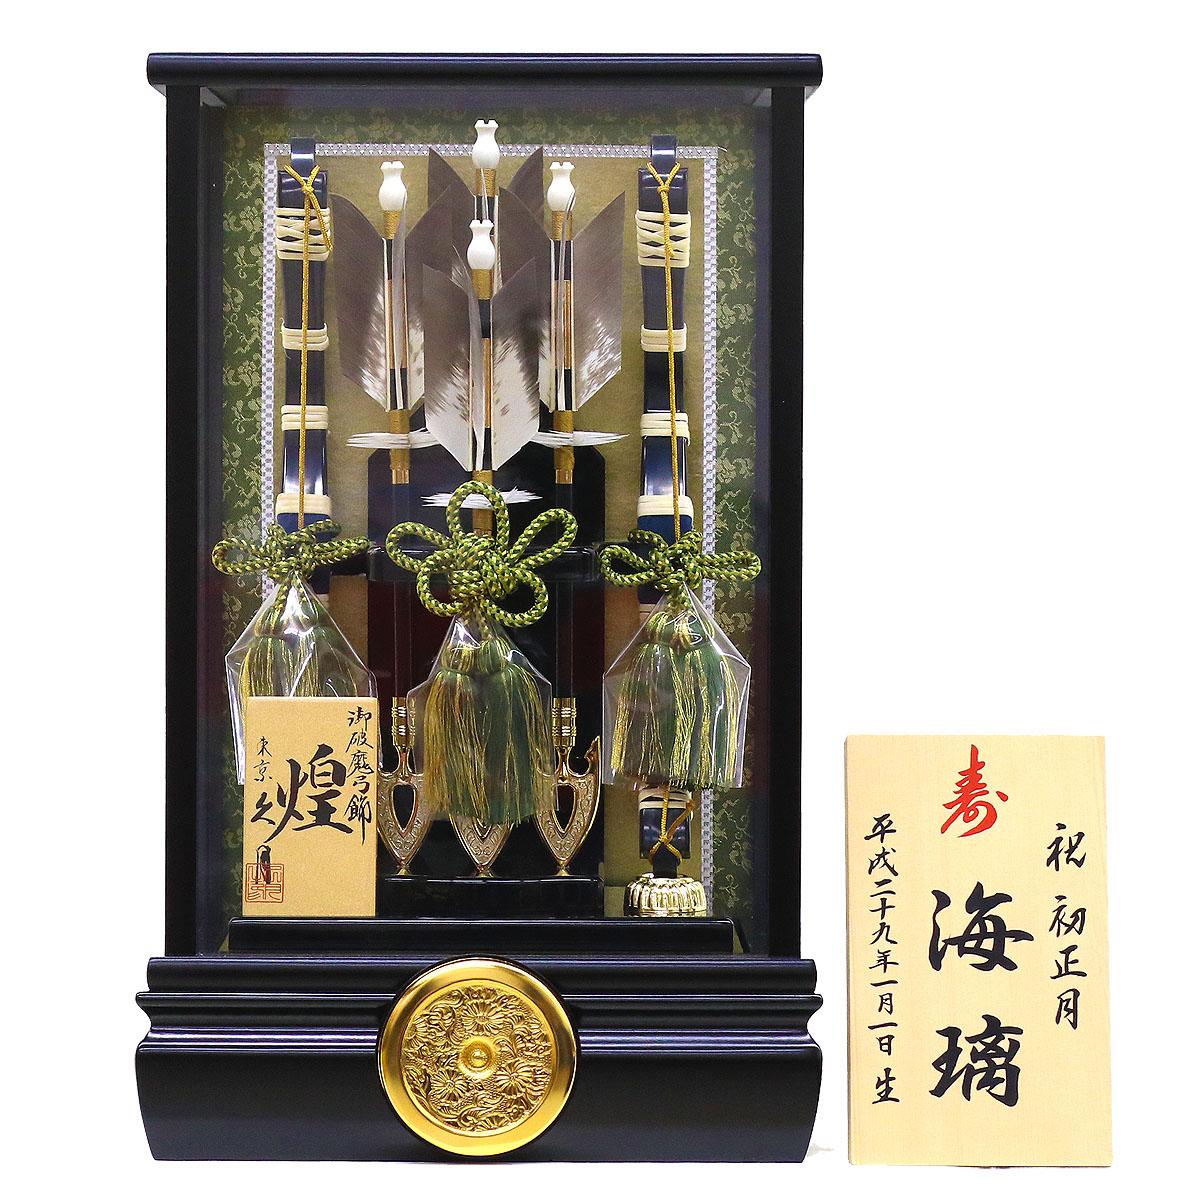 破魔弓 コンパクト ケース飾り 久月 10号 煌 HMQ-70711013 初正月 破魔矢 久月作